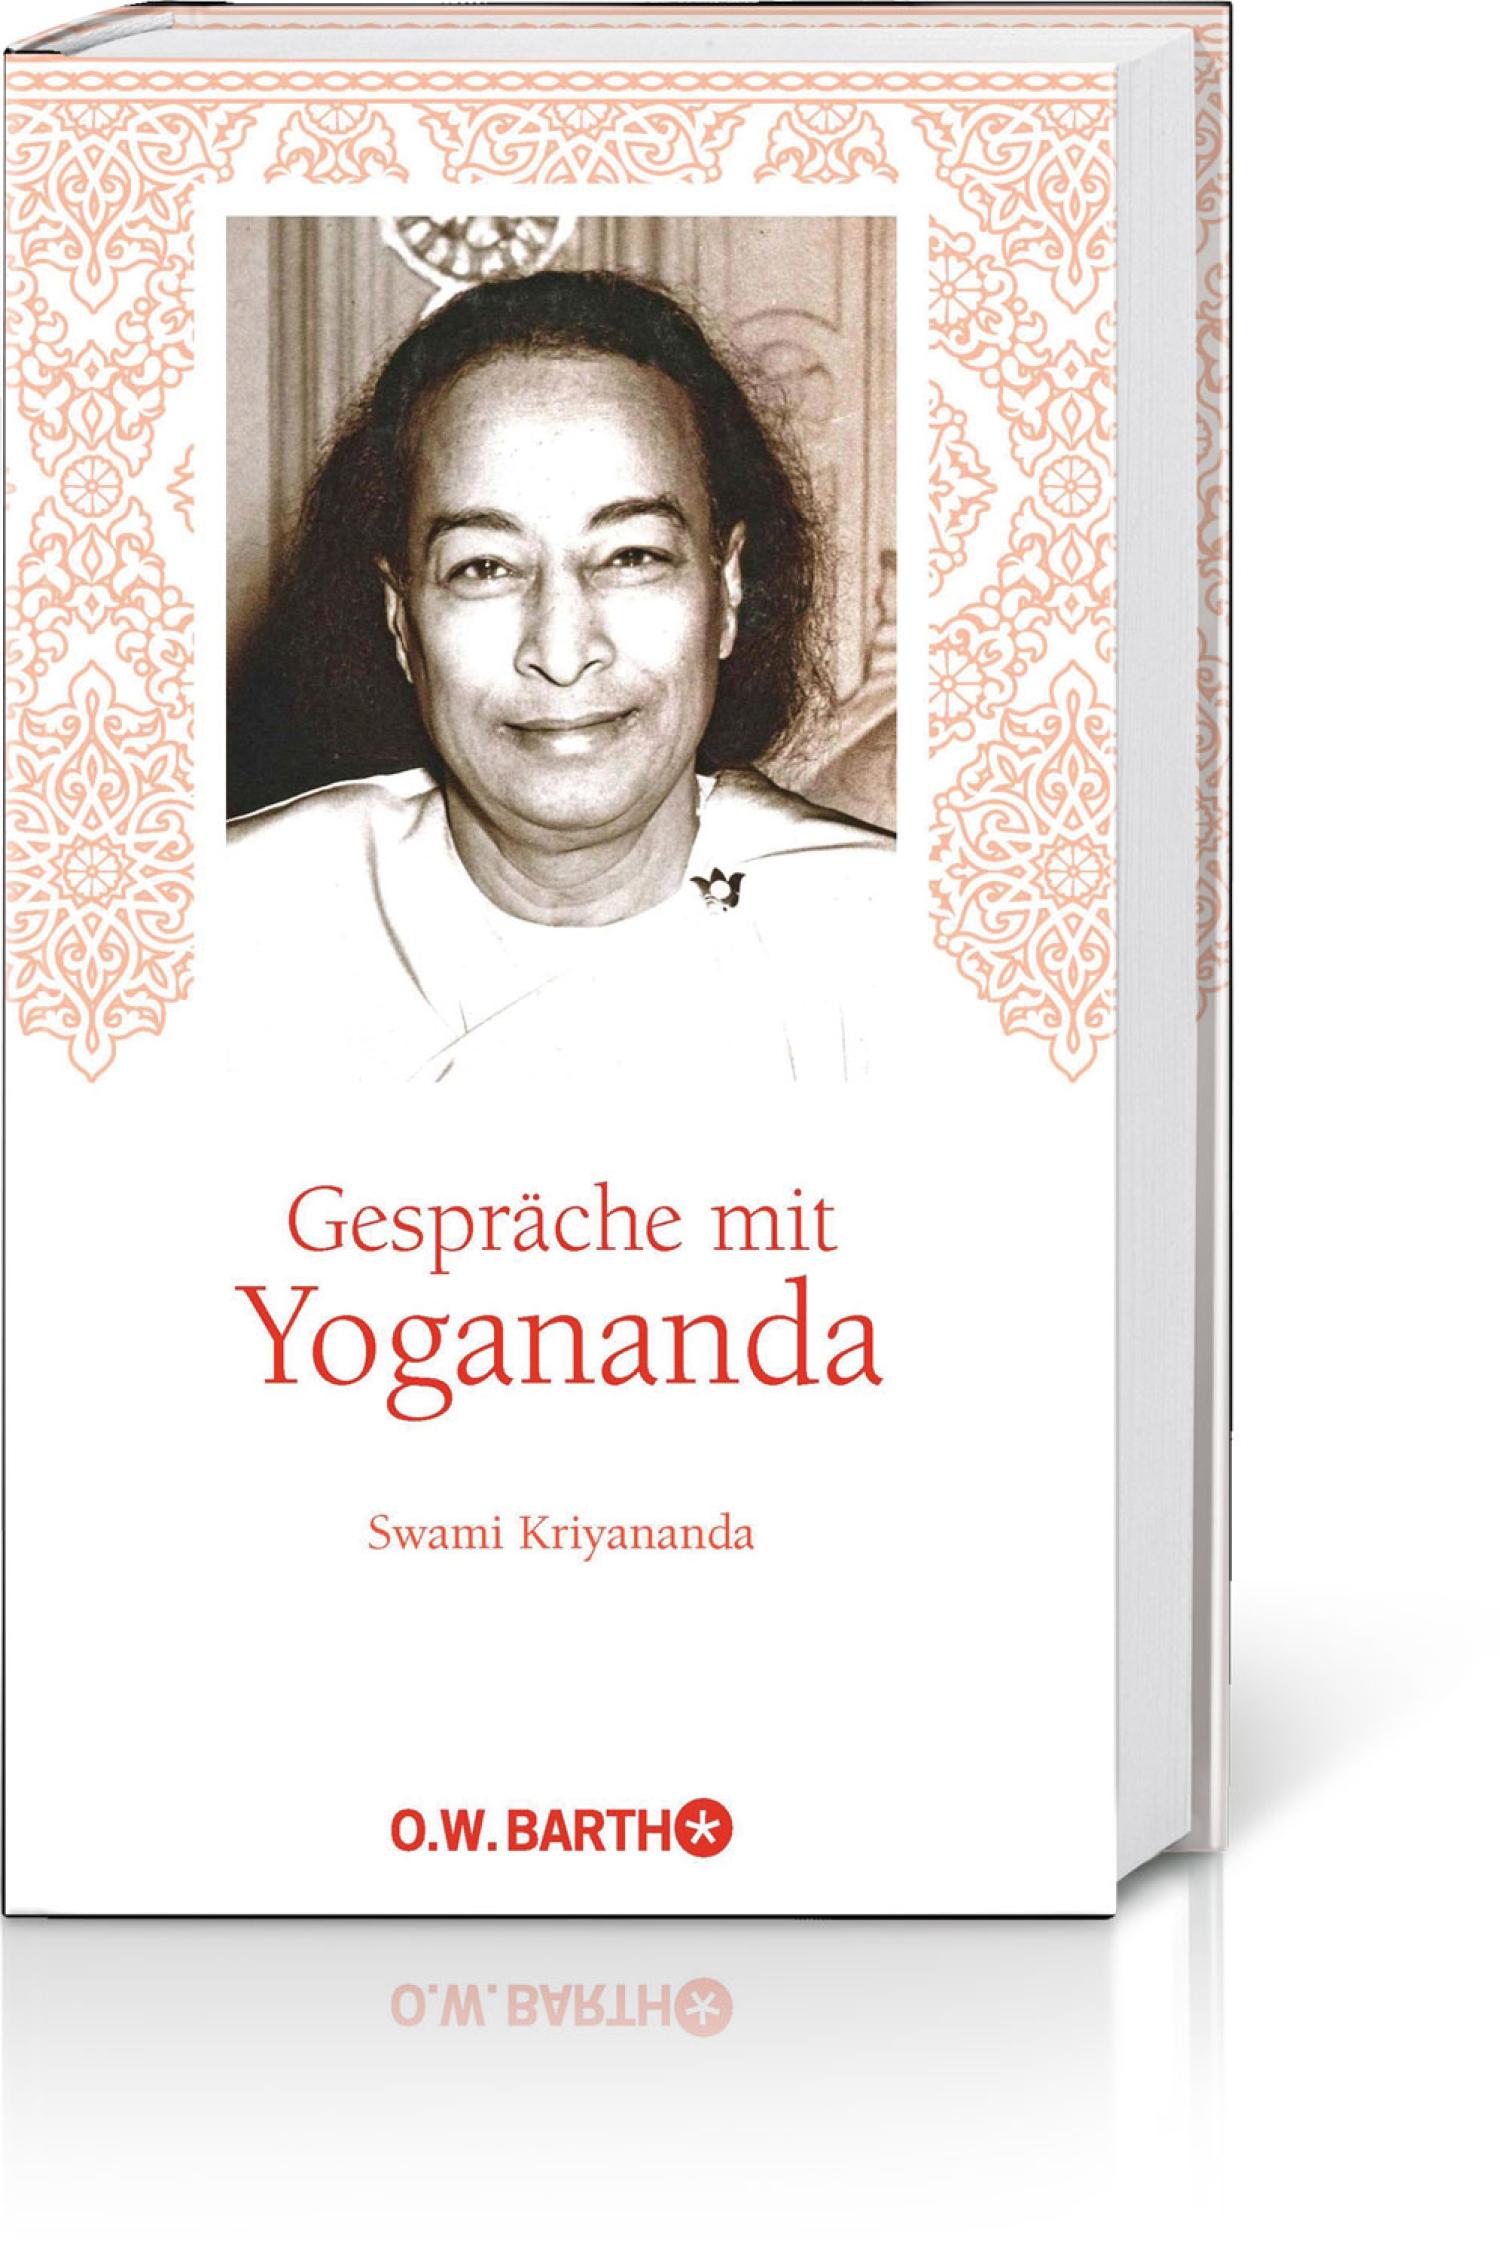 Gespräche mit Yogananda, Produktbild 1